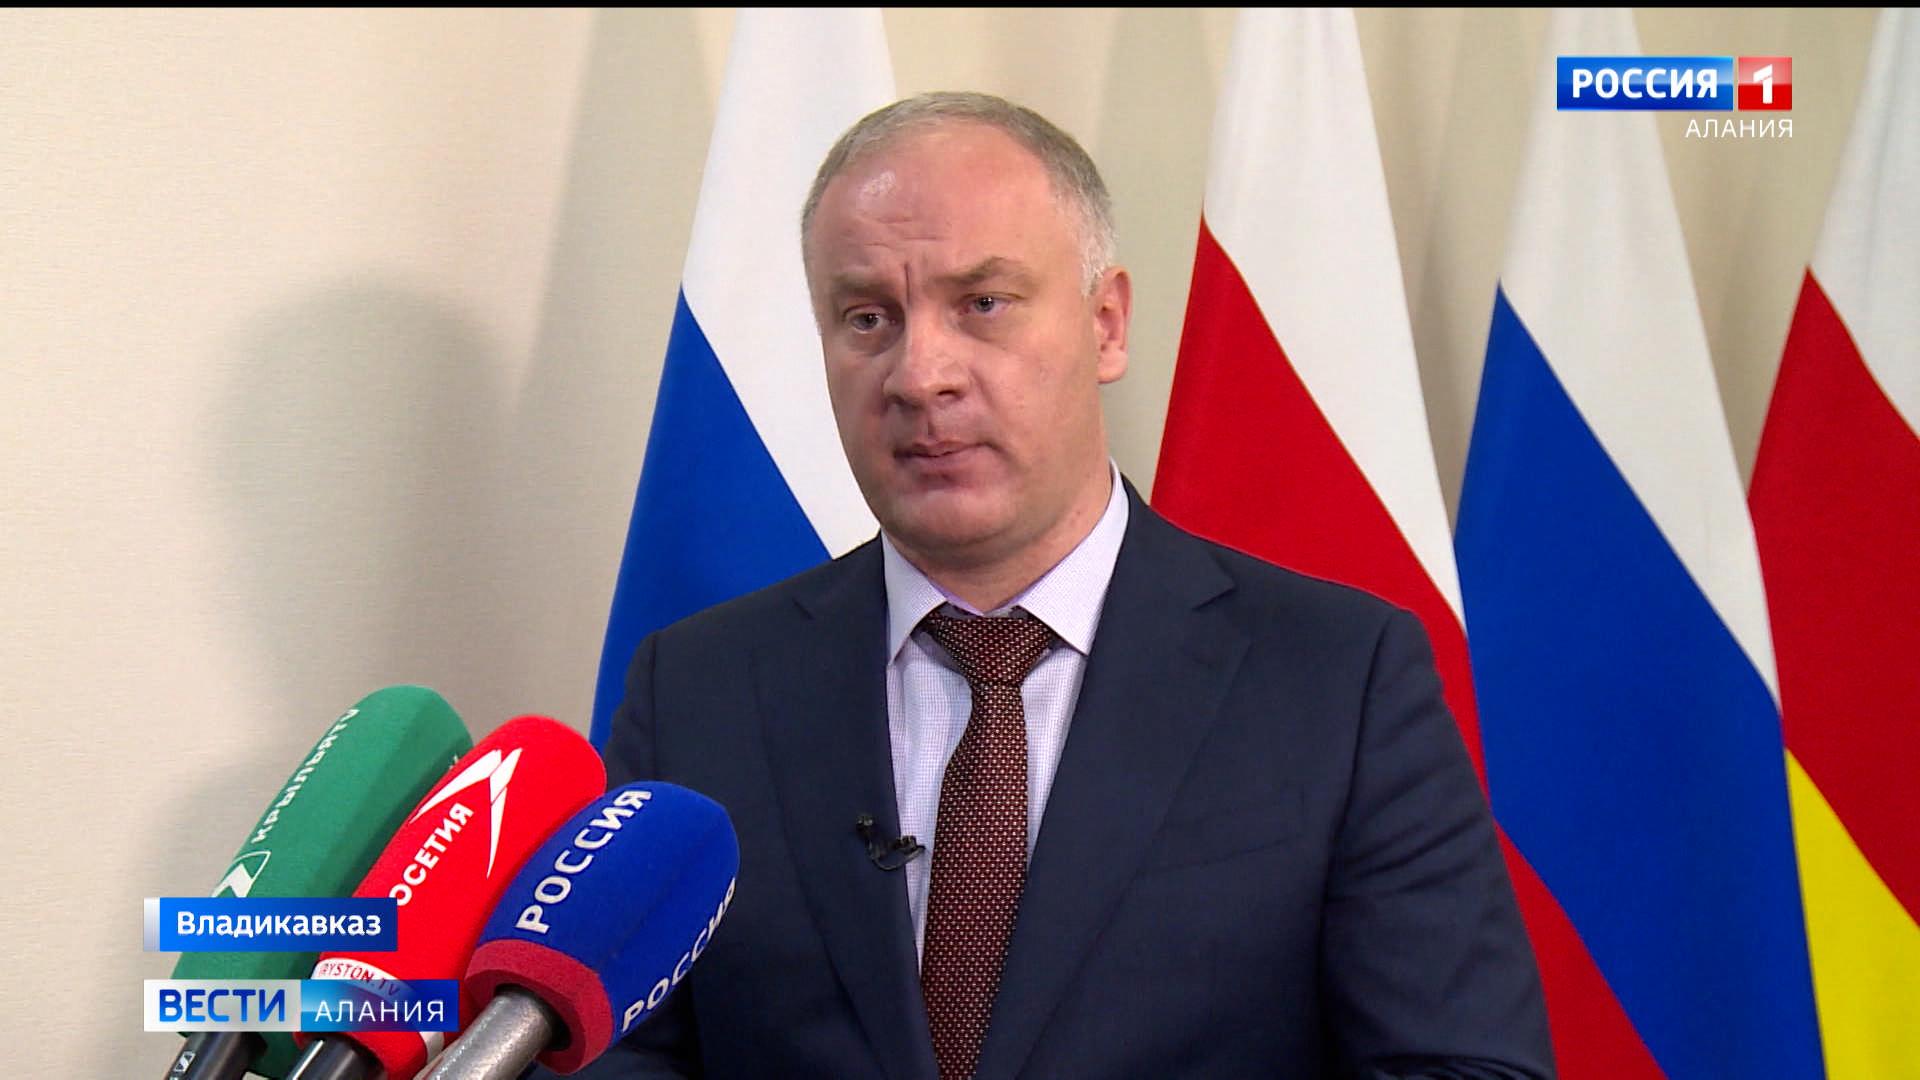 Предприятия Северной Осетии могут воспользоваться инвестиционным налоговым вычетом — Минэкономразвития